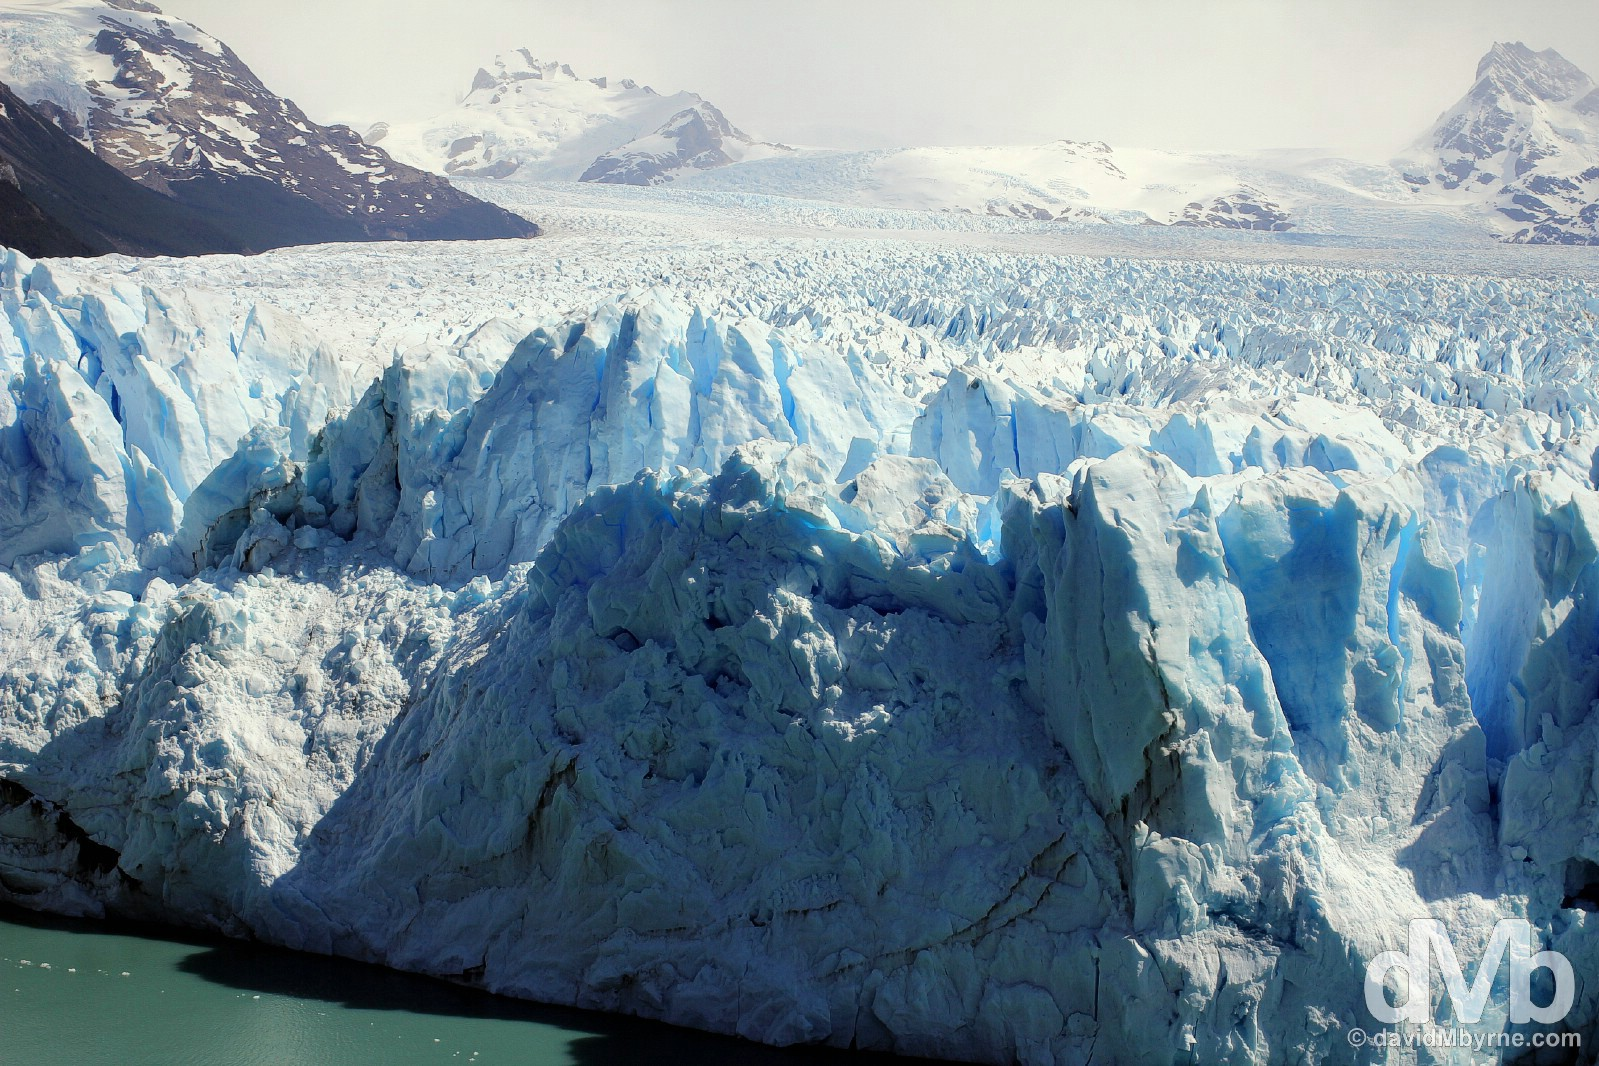 A section of the Perito Moreno Glacier in Parque Nacional Los Glaciares, Patagonia, Argentina. November 2, 2015.